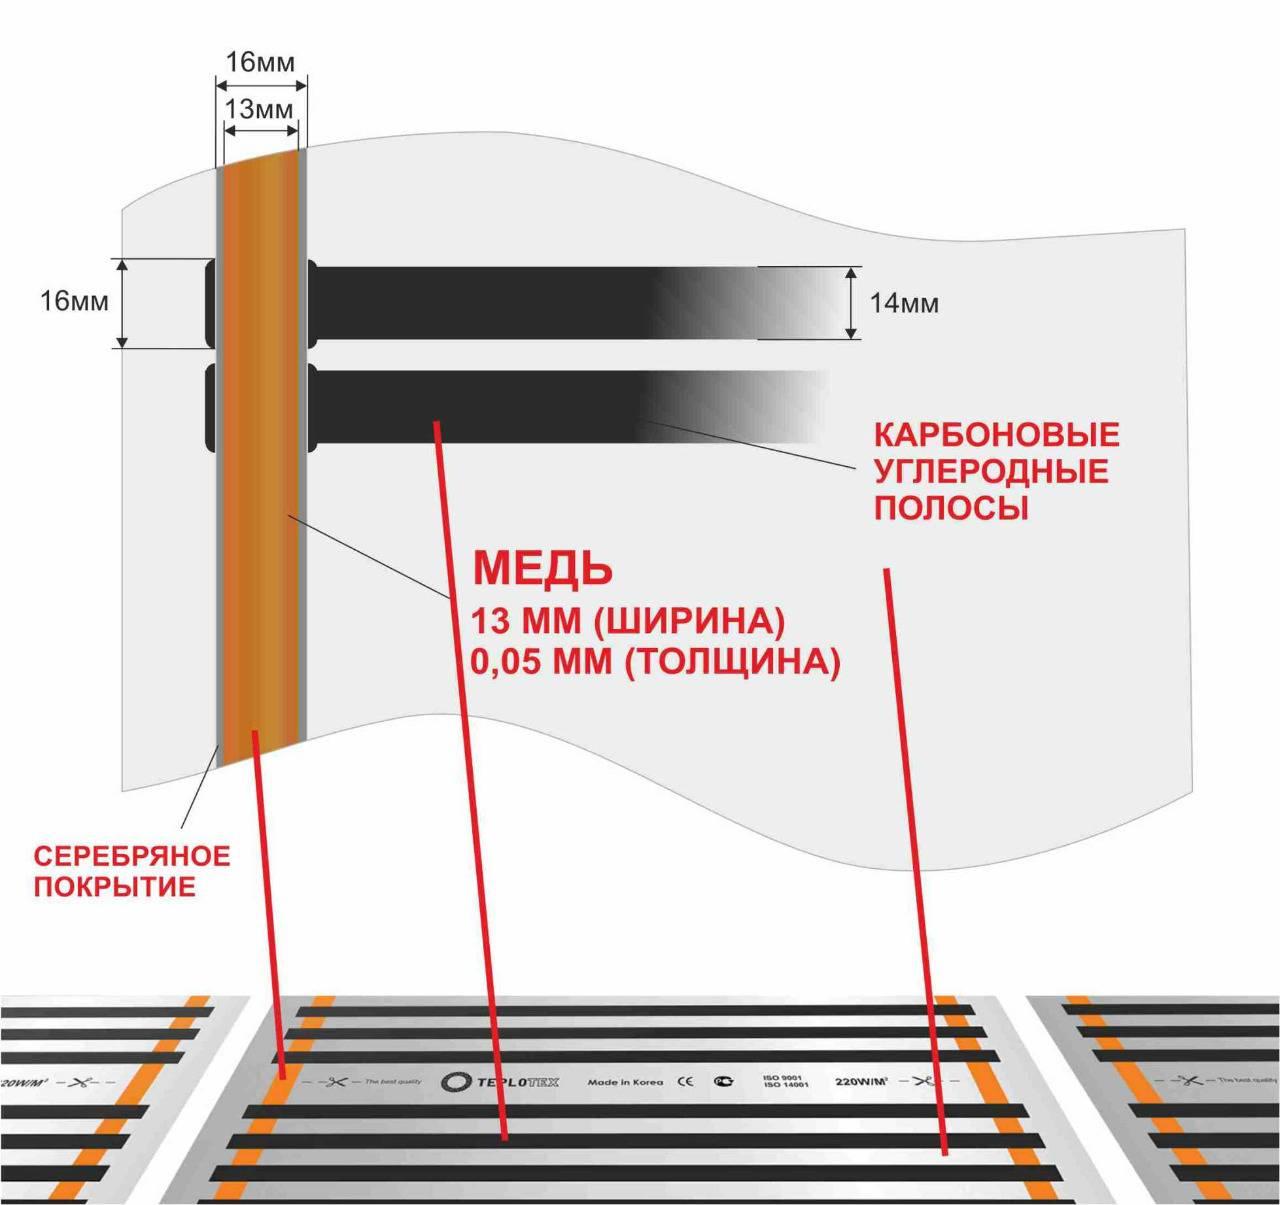 Теплый пол под плитку: какой лучше и почему, обзор и отзывы